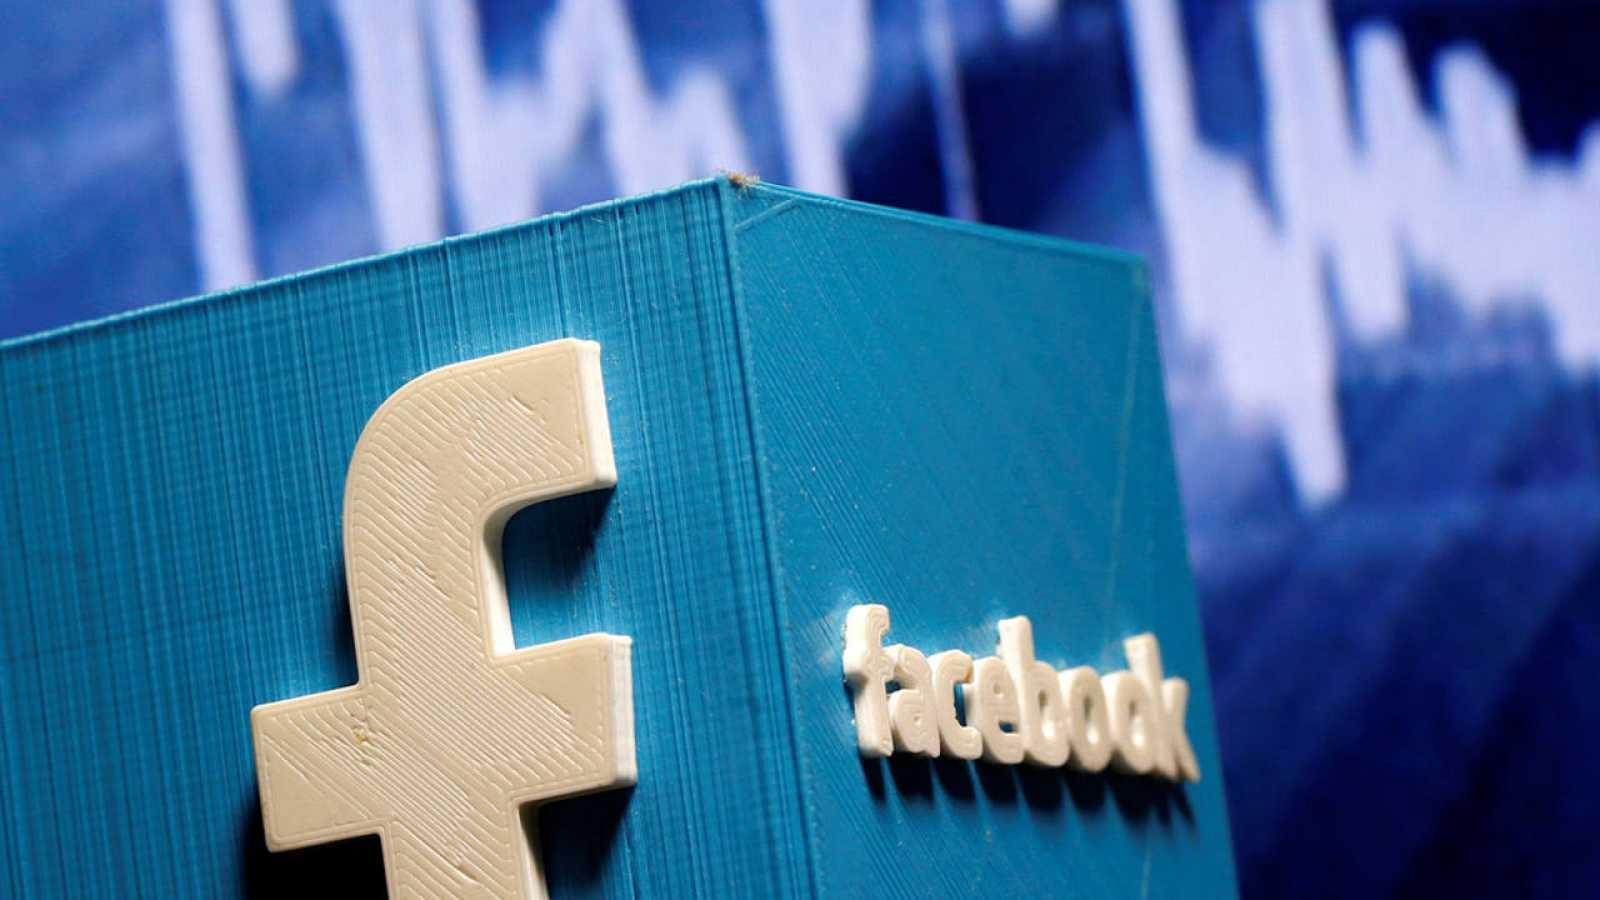 De los 7.000 millones de dólares de ingresos de Facebook en el último trimestre, unos 6.800 millones correspondieron a venta de anuncios.